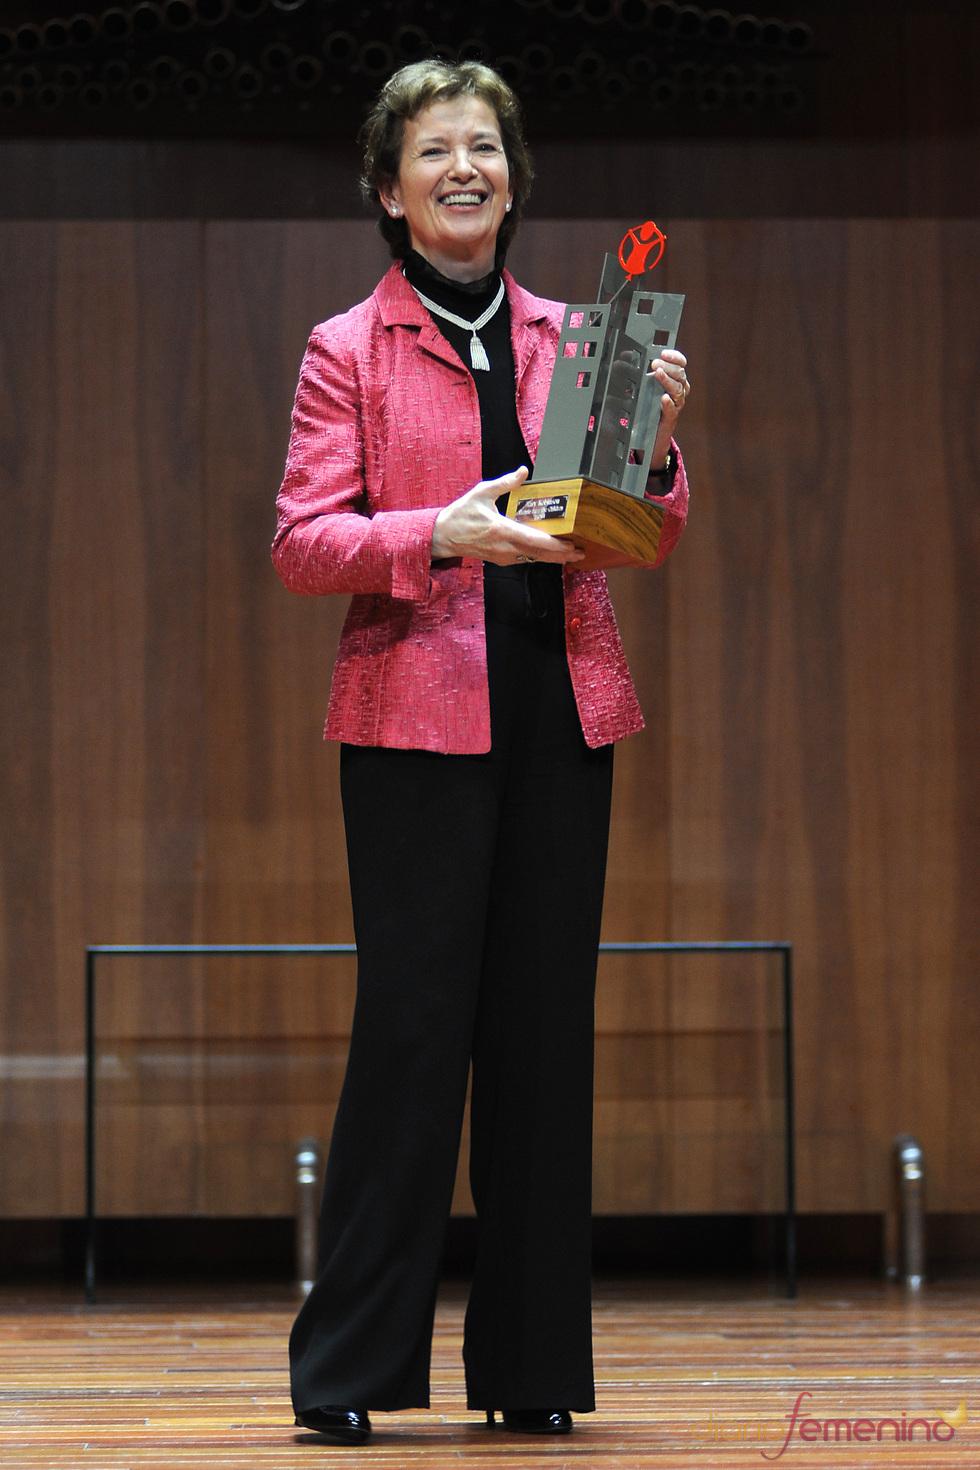 Mary Robinson con su premio Save the children 2011